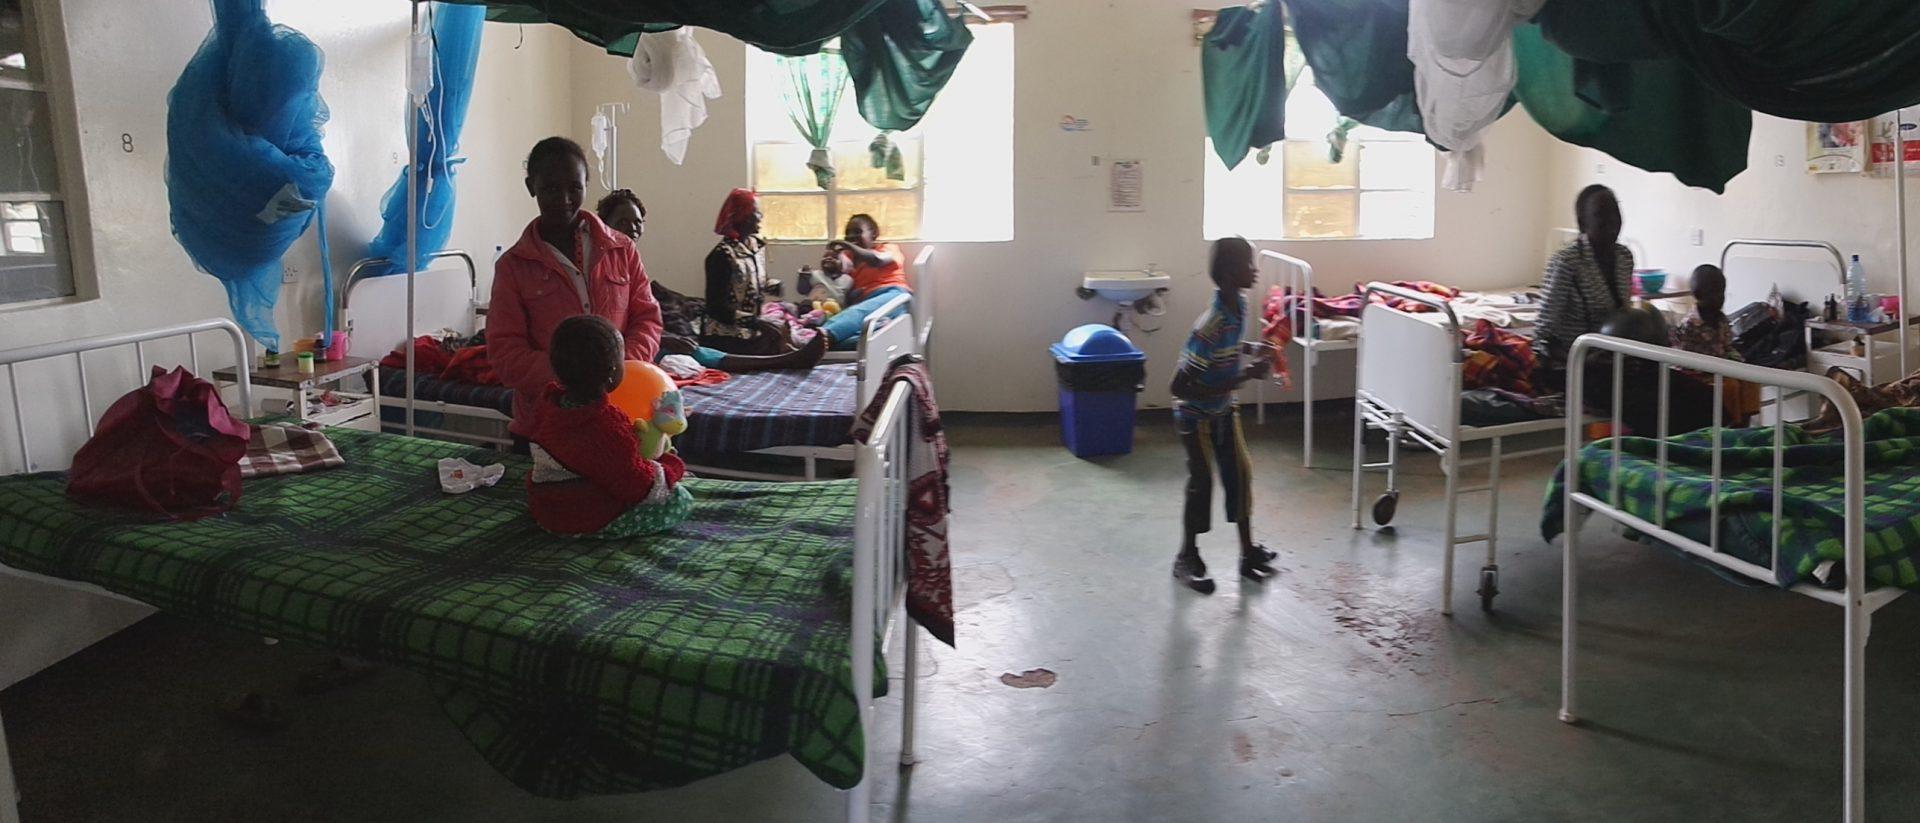 Bedden in het ziekenhuis in Kenia